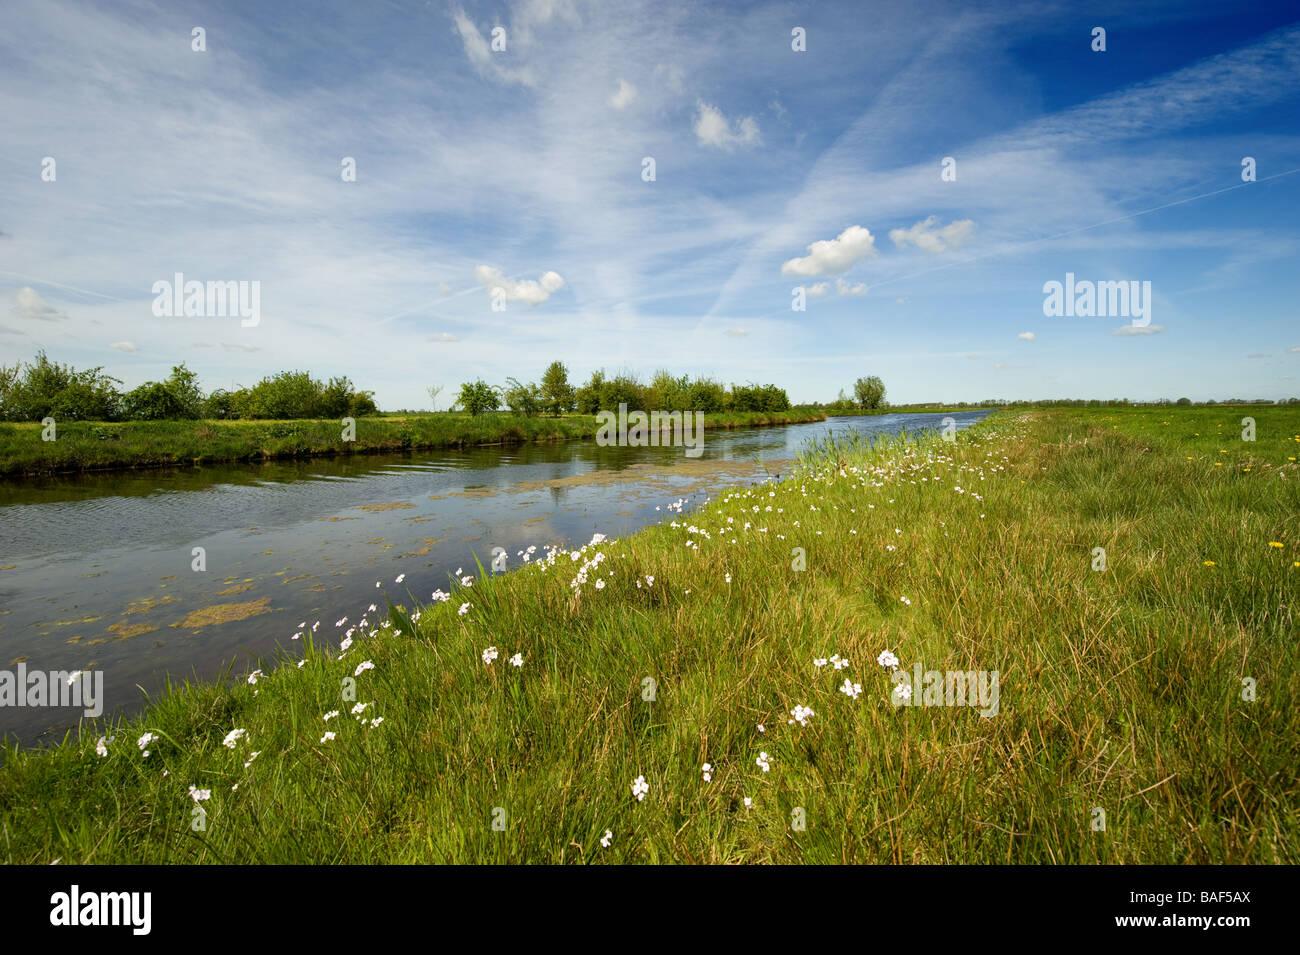 A beautiful dutch polder landscape in springtime - Stock Image